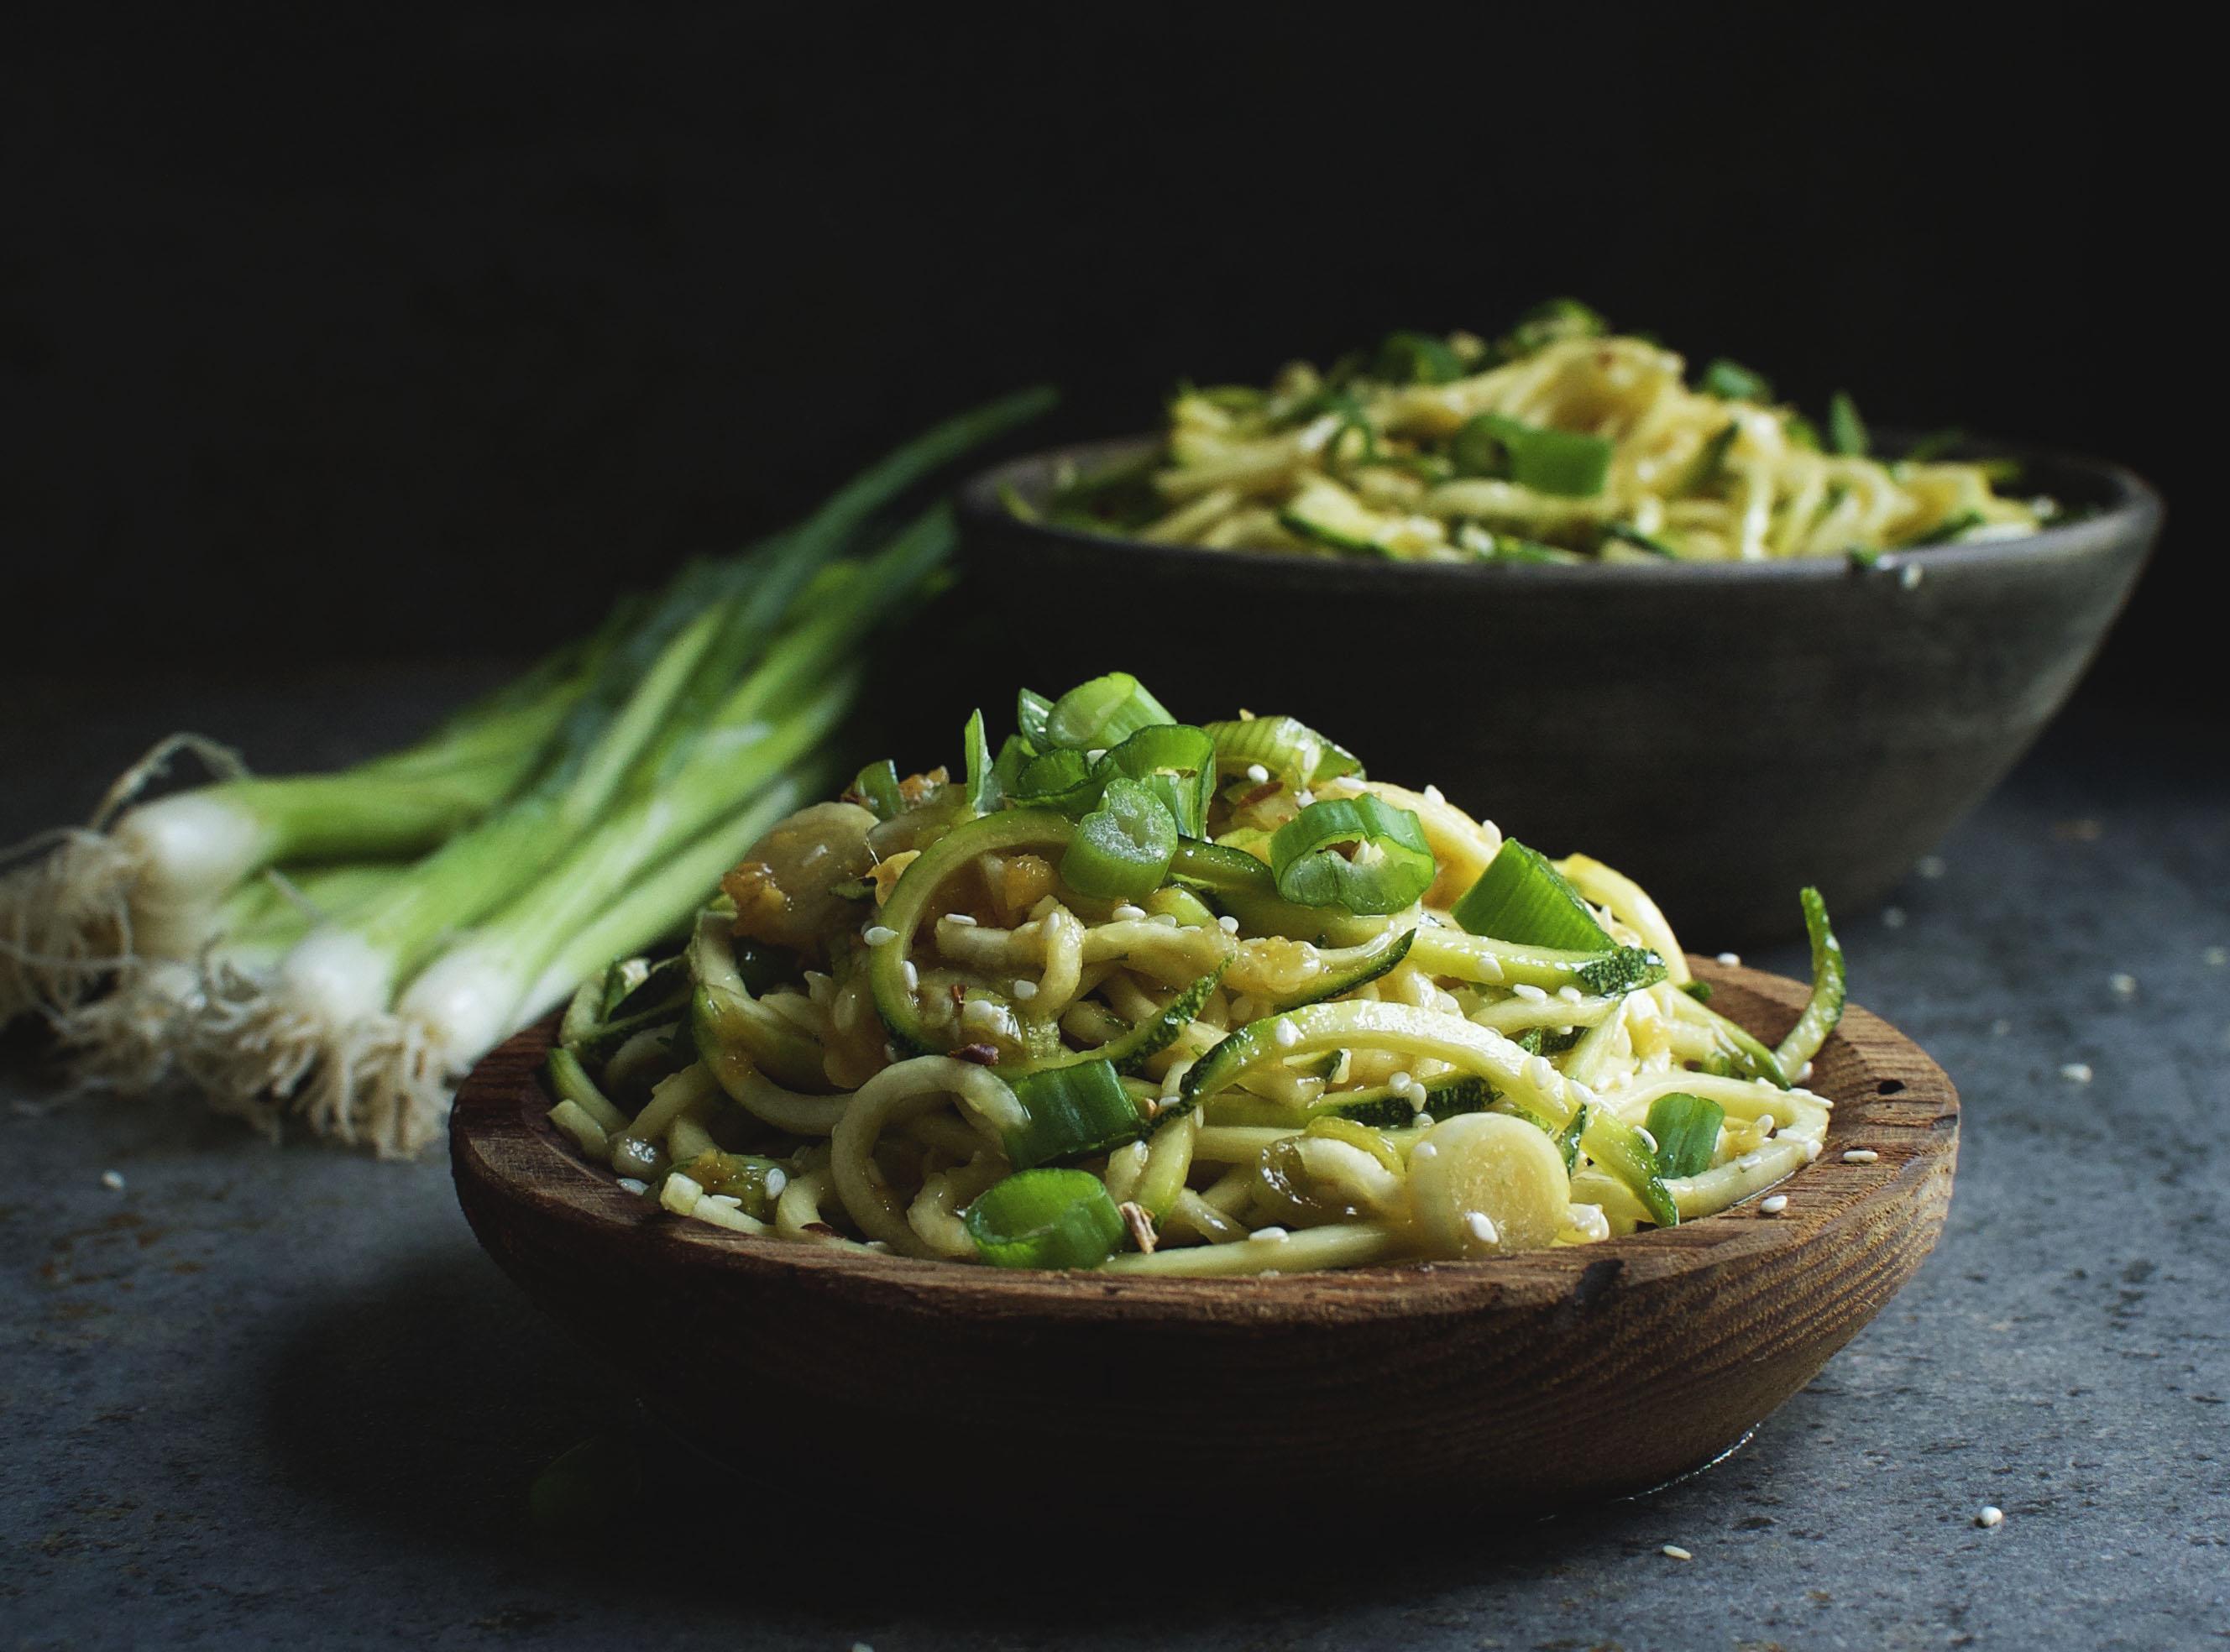 Low-Carb Asian Noodles